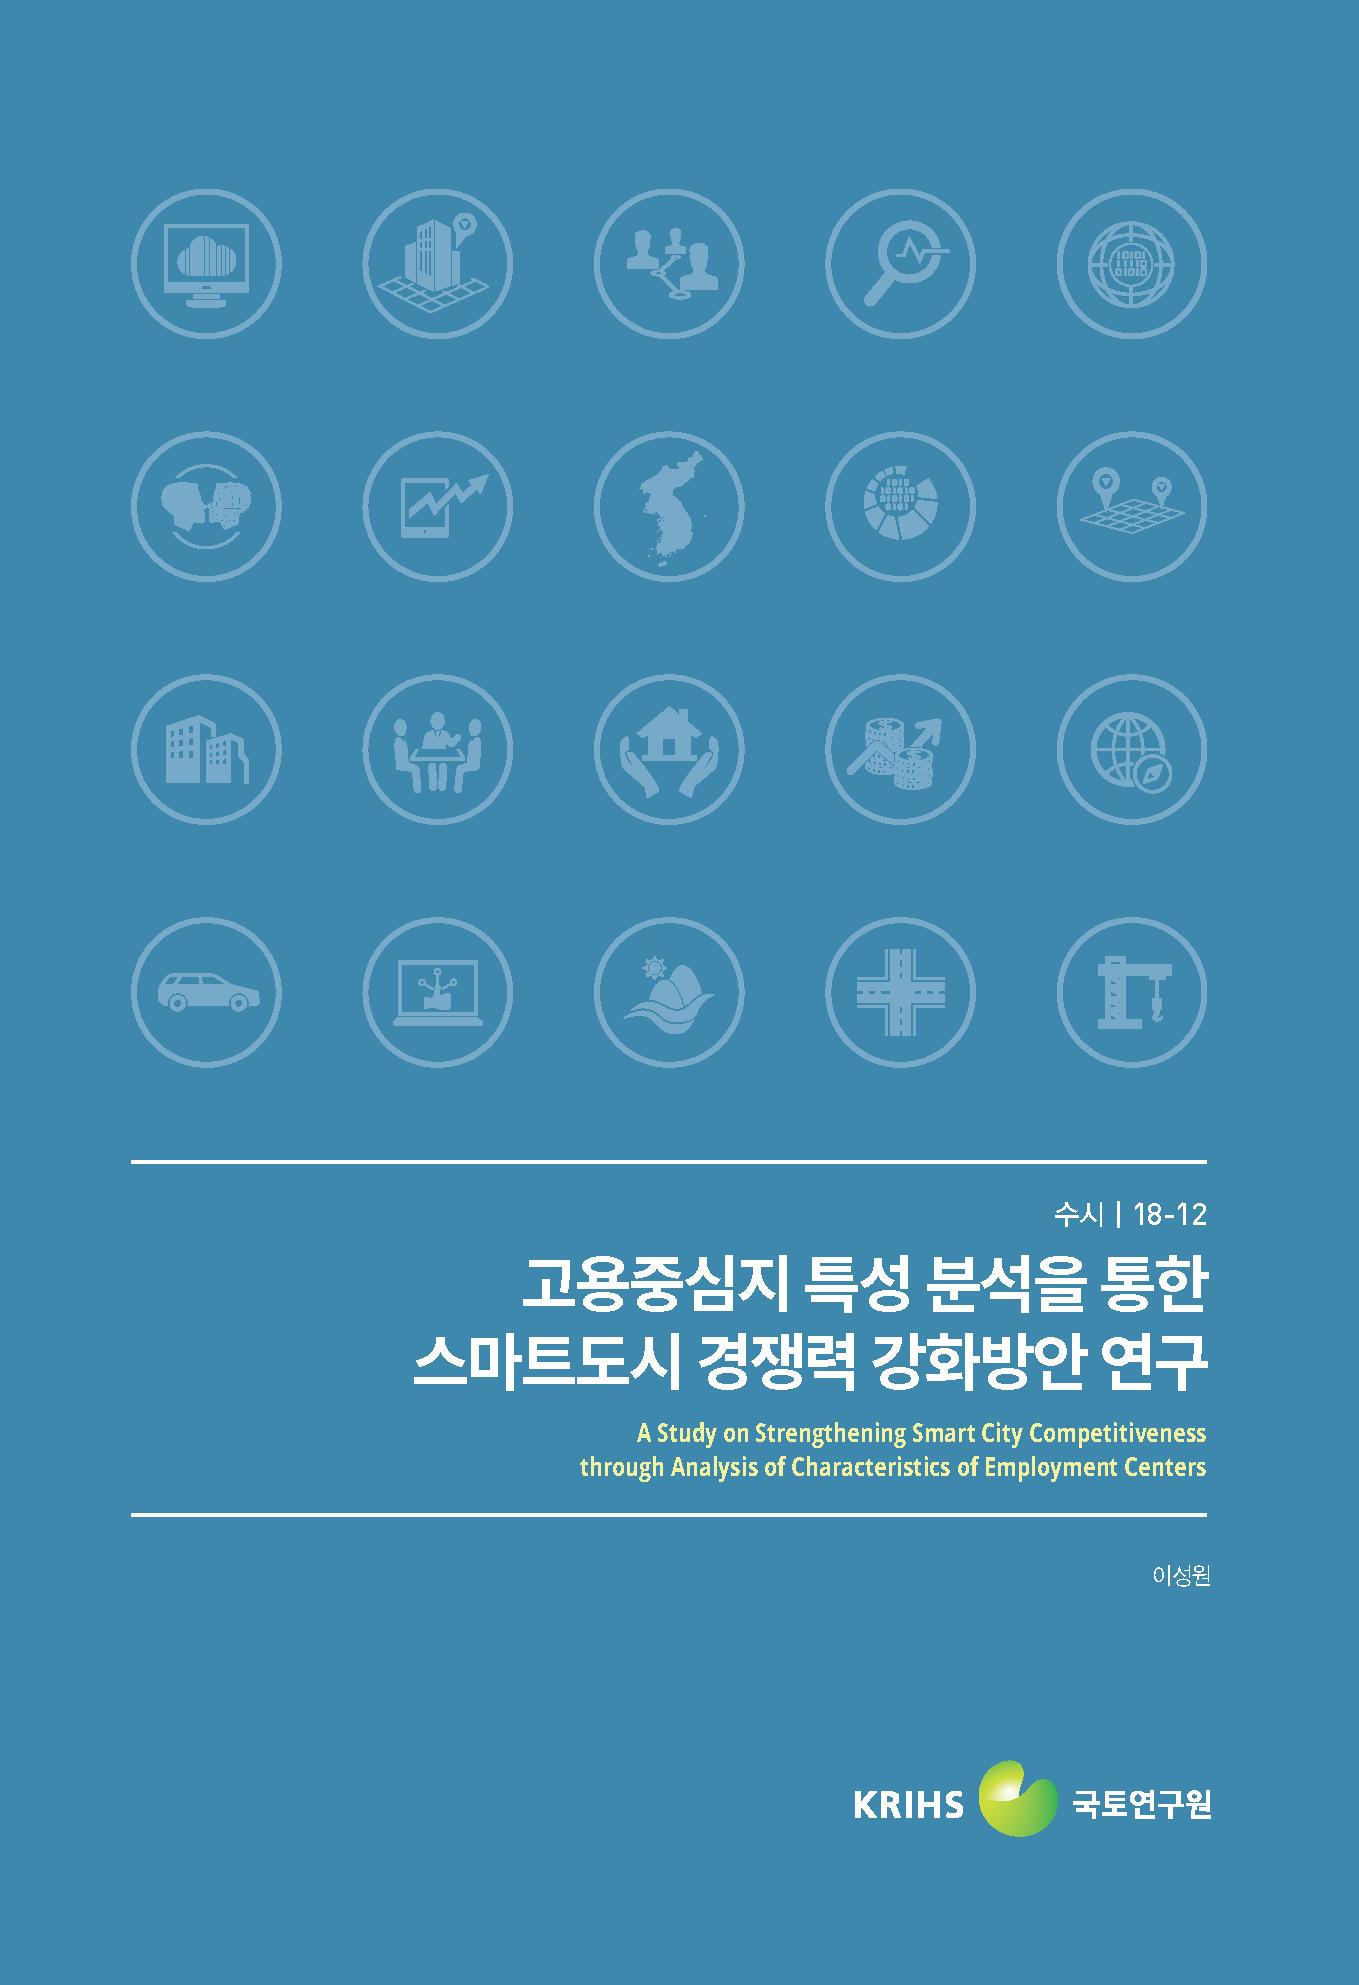 고용중심지 특성 분석을 통한 스마트도시 경쟁력 강화방안 연구표지